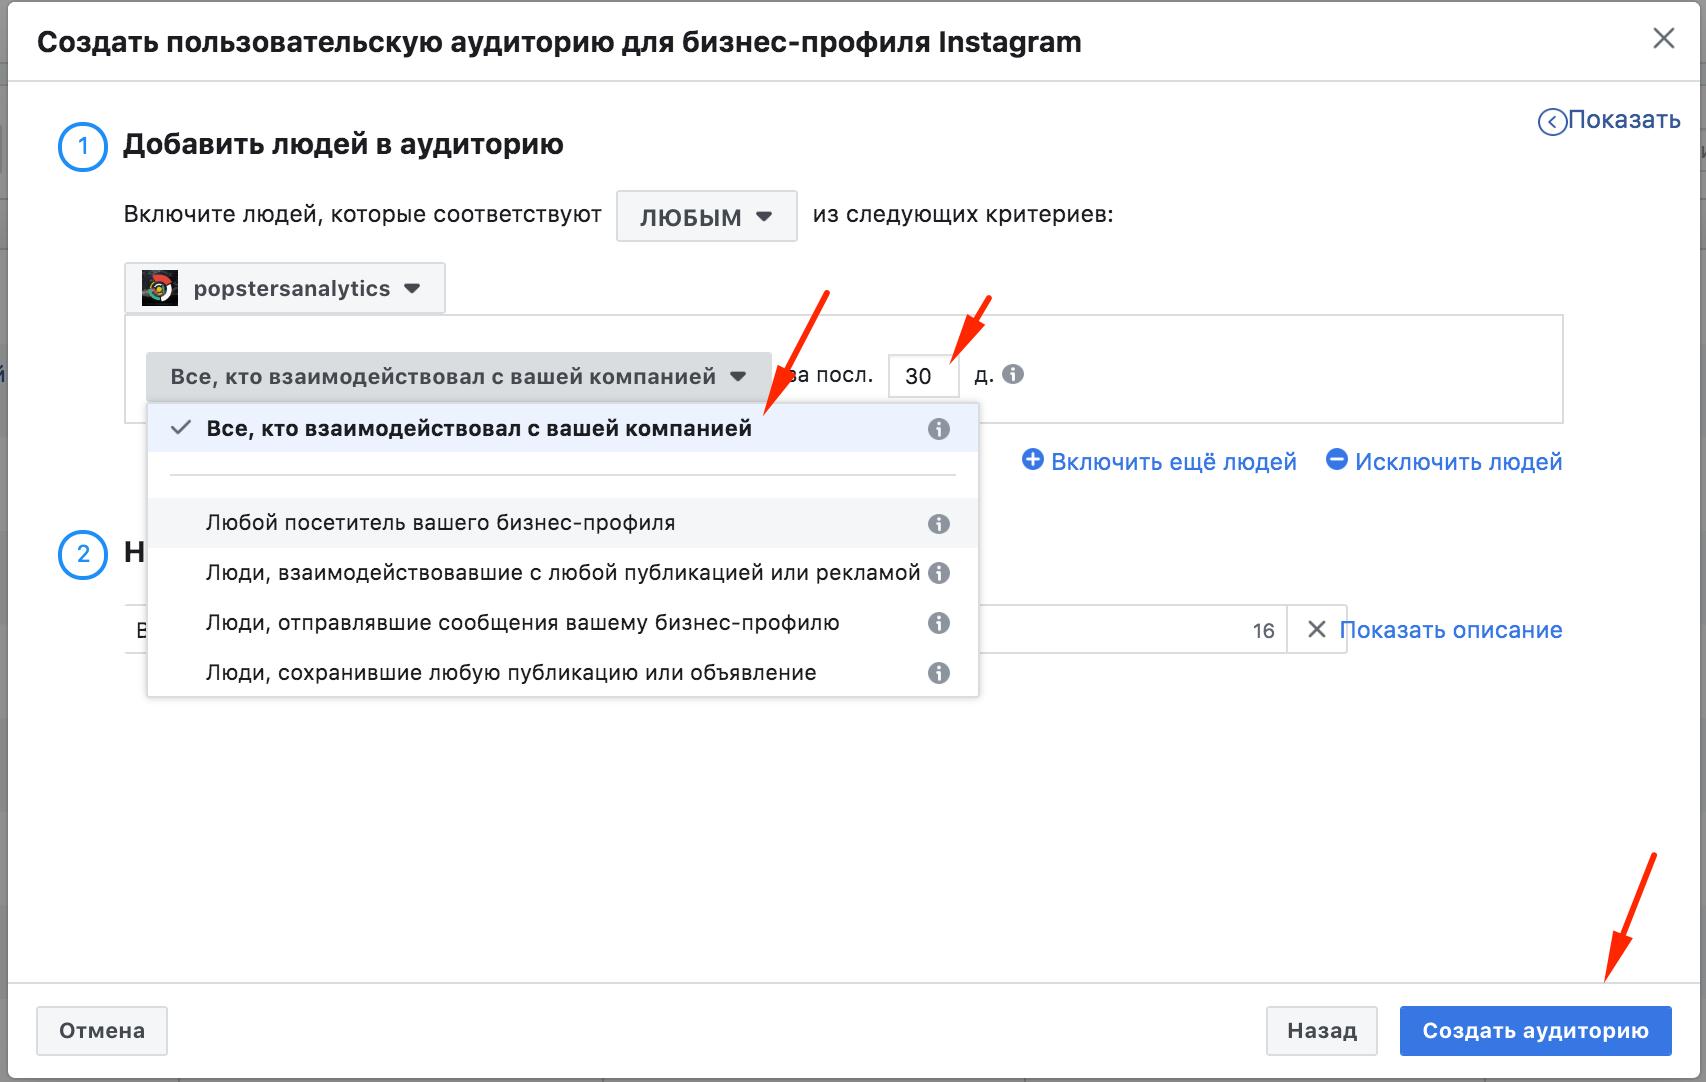 Создание пользовательской аудитории Facebook для рекламы